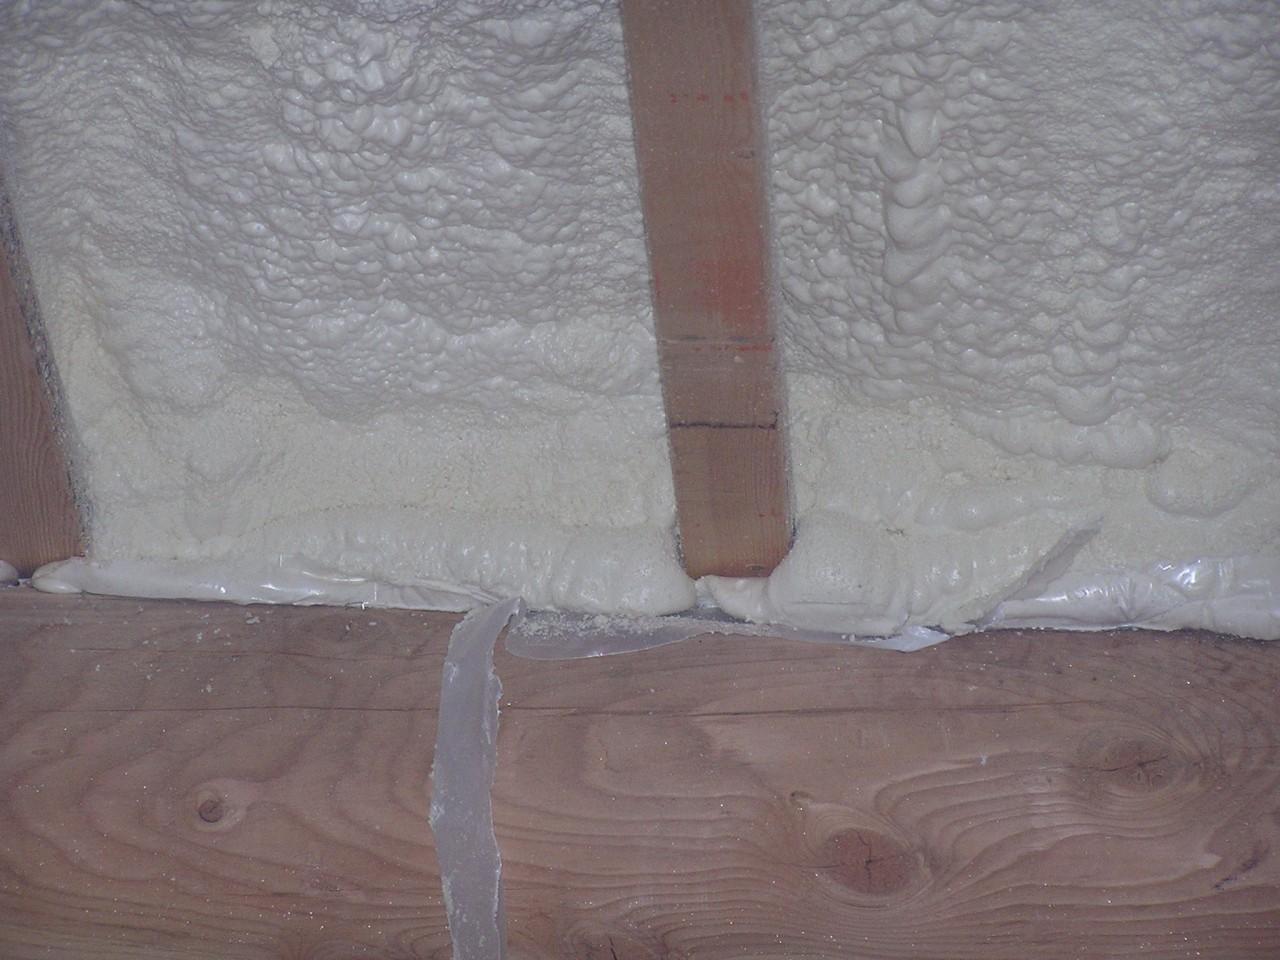 http://4.bp.blogspot.com/_YbH39bWalrQ/TUYF29wMoRI/AAAAAAAAAjM/KGk9-v3cjI4/s1600/Foam.roof.meets.wall.jpg